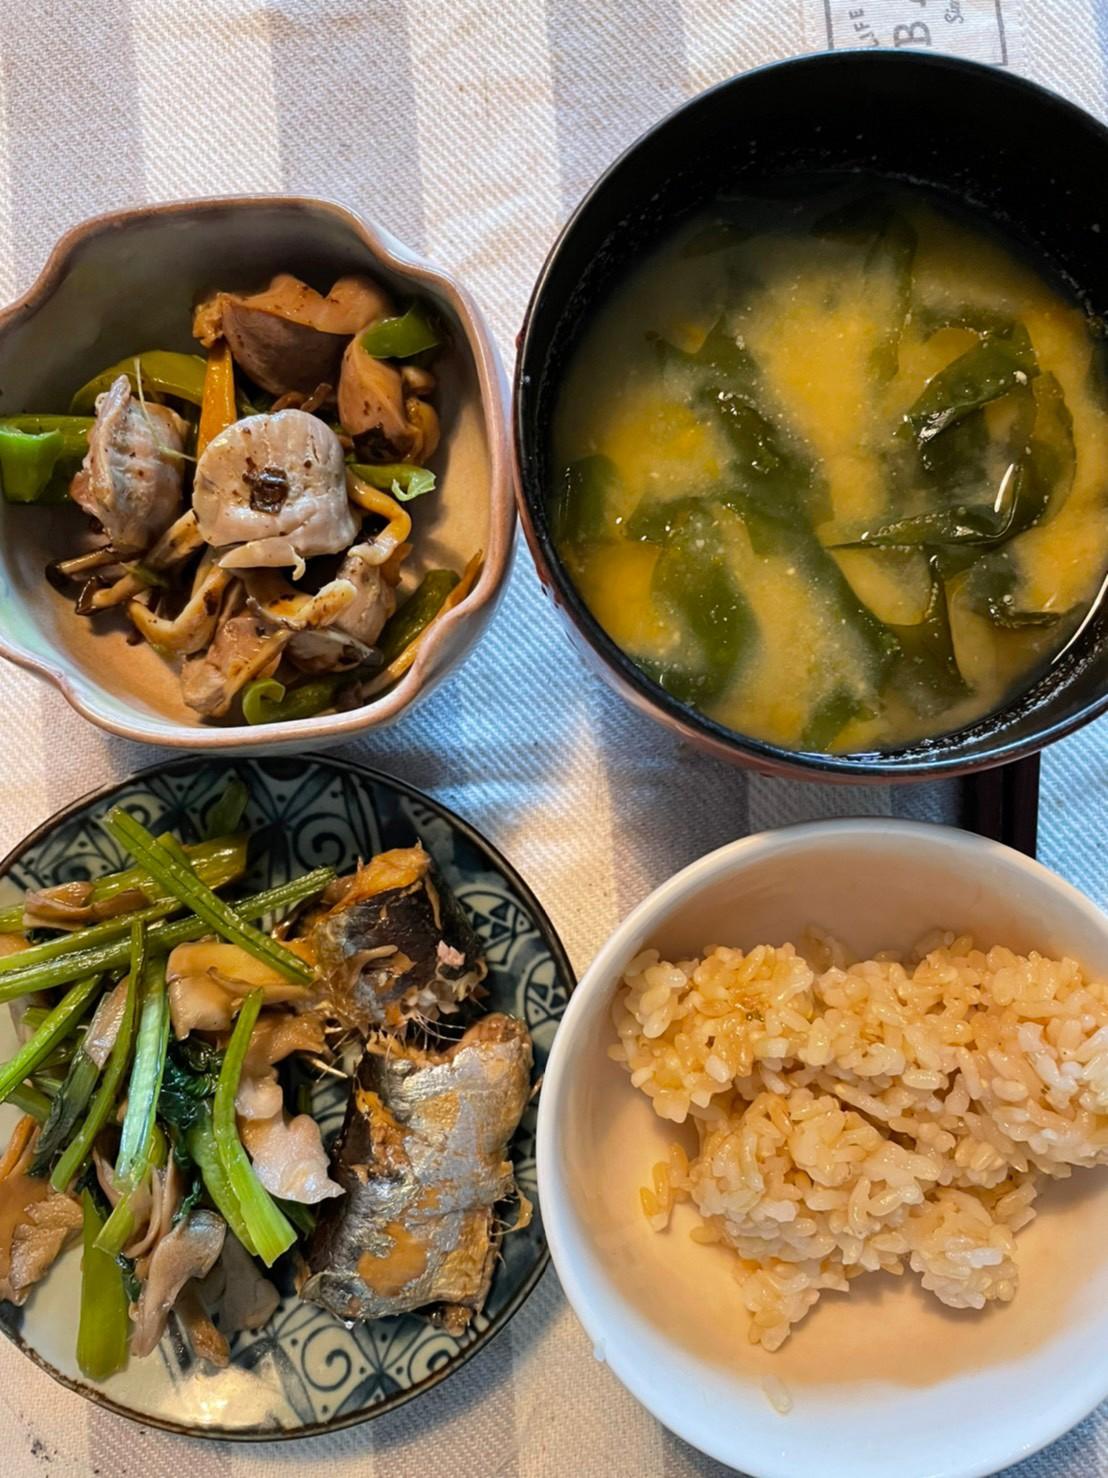 ダイエットするなら、副菜として野菜・きのこ等をしっかりと